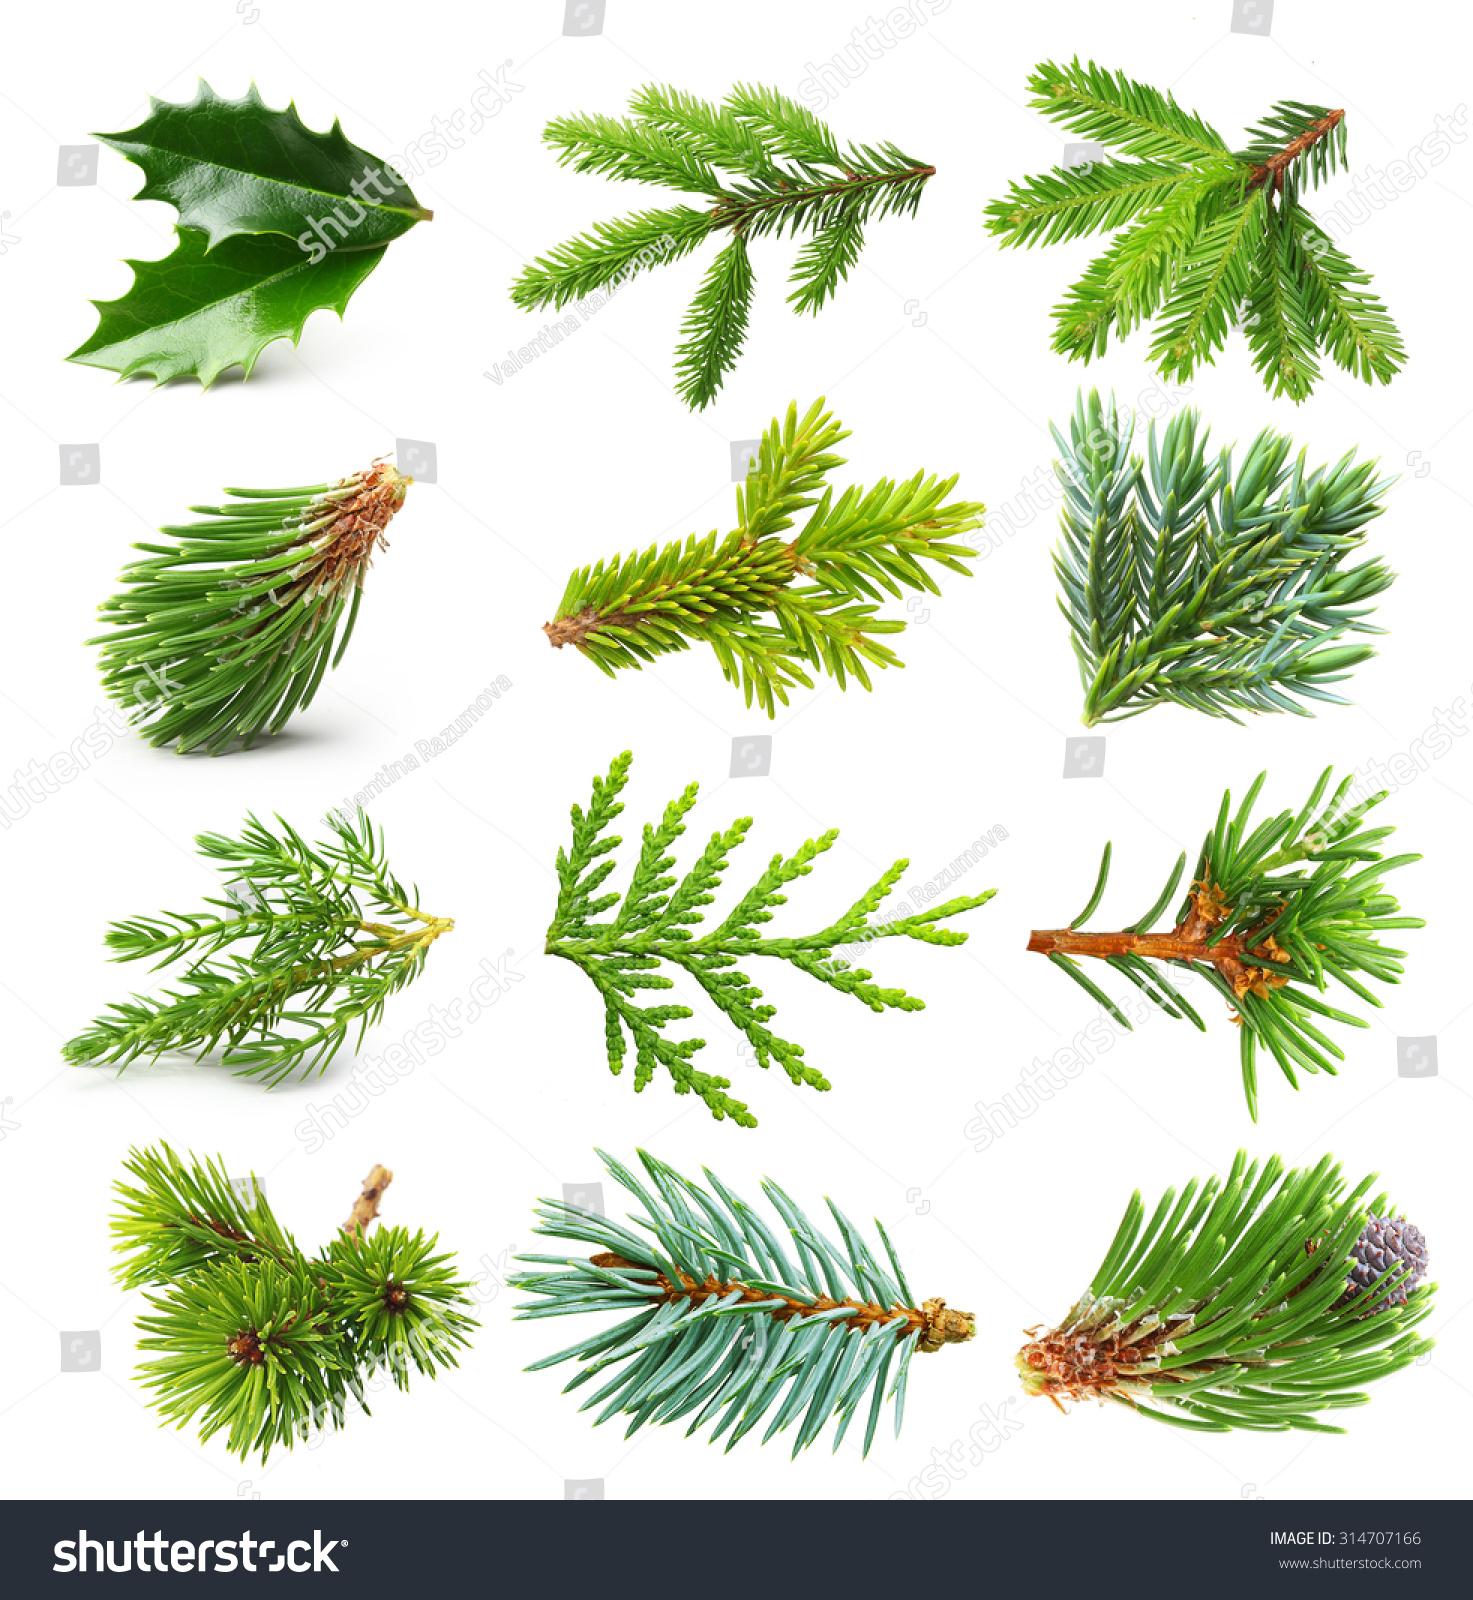 Cedar Christmas Trees